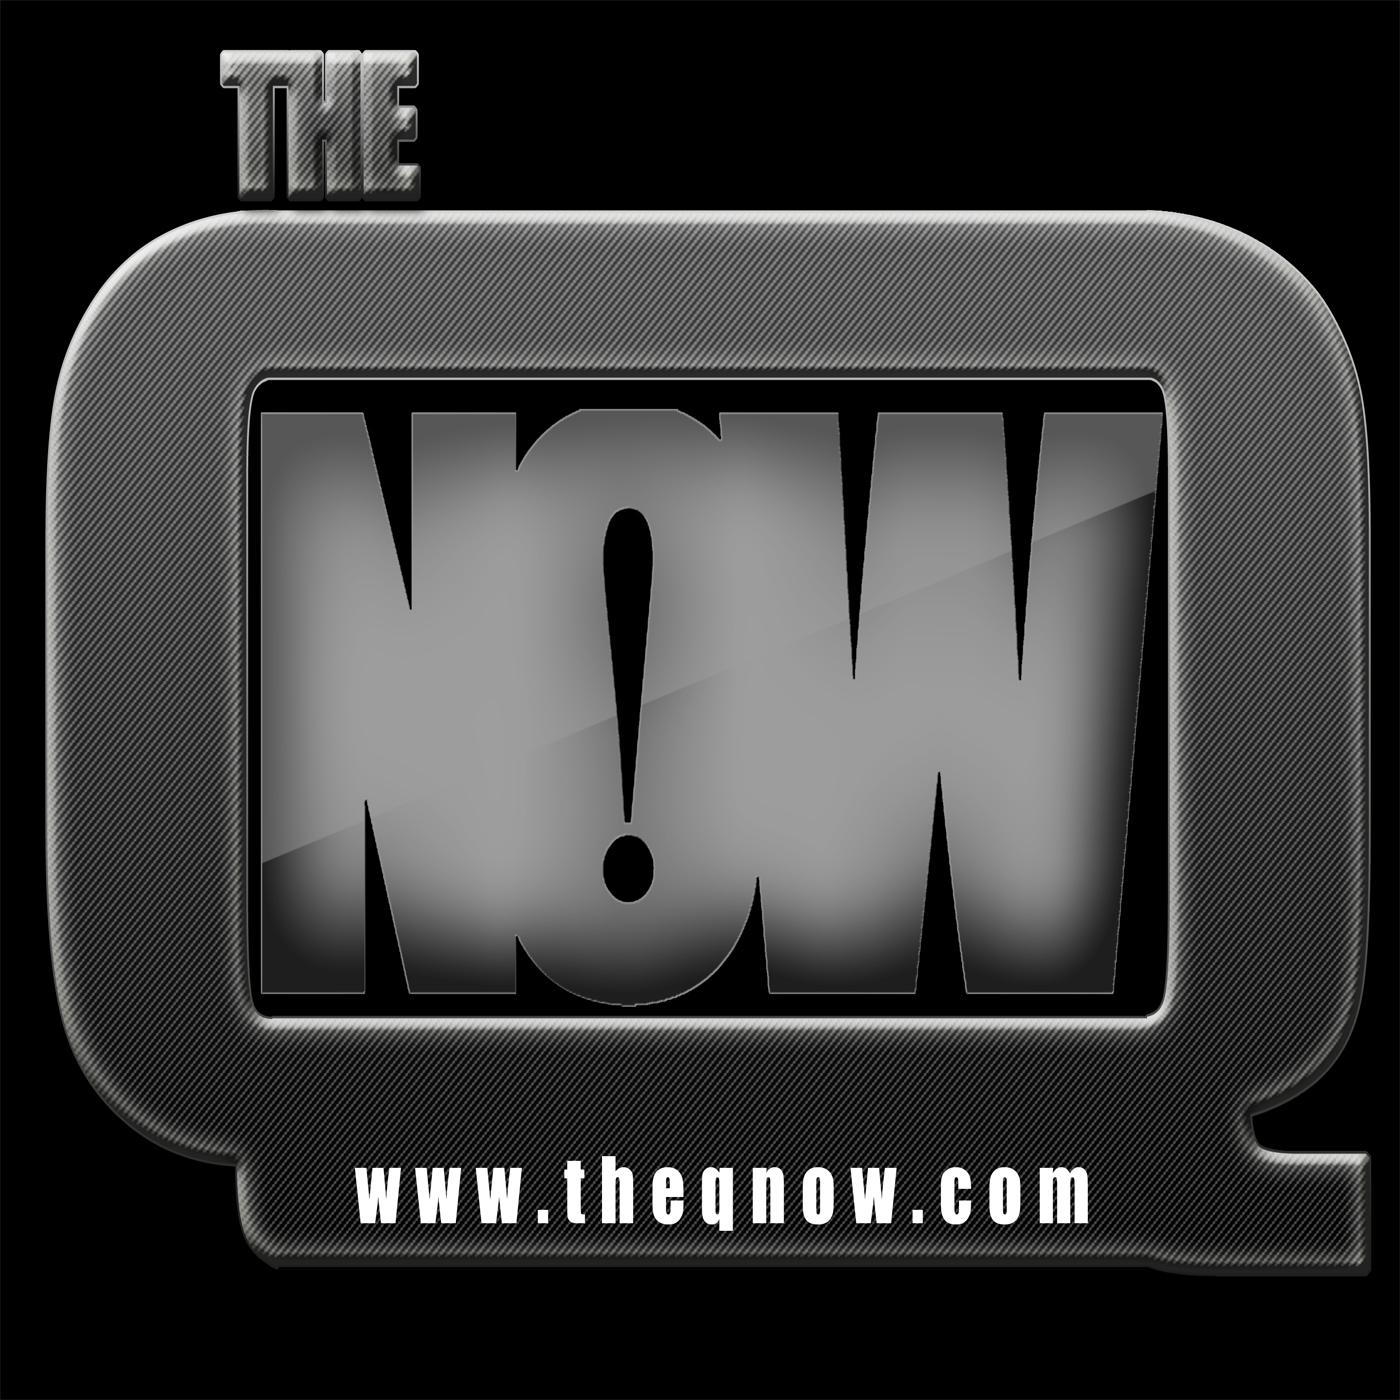 The Q Now show art